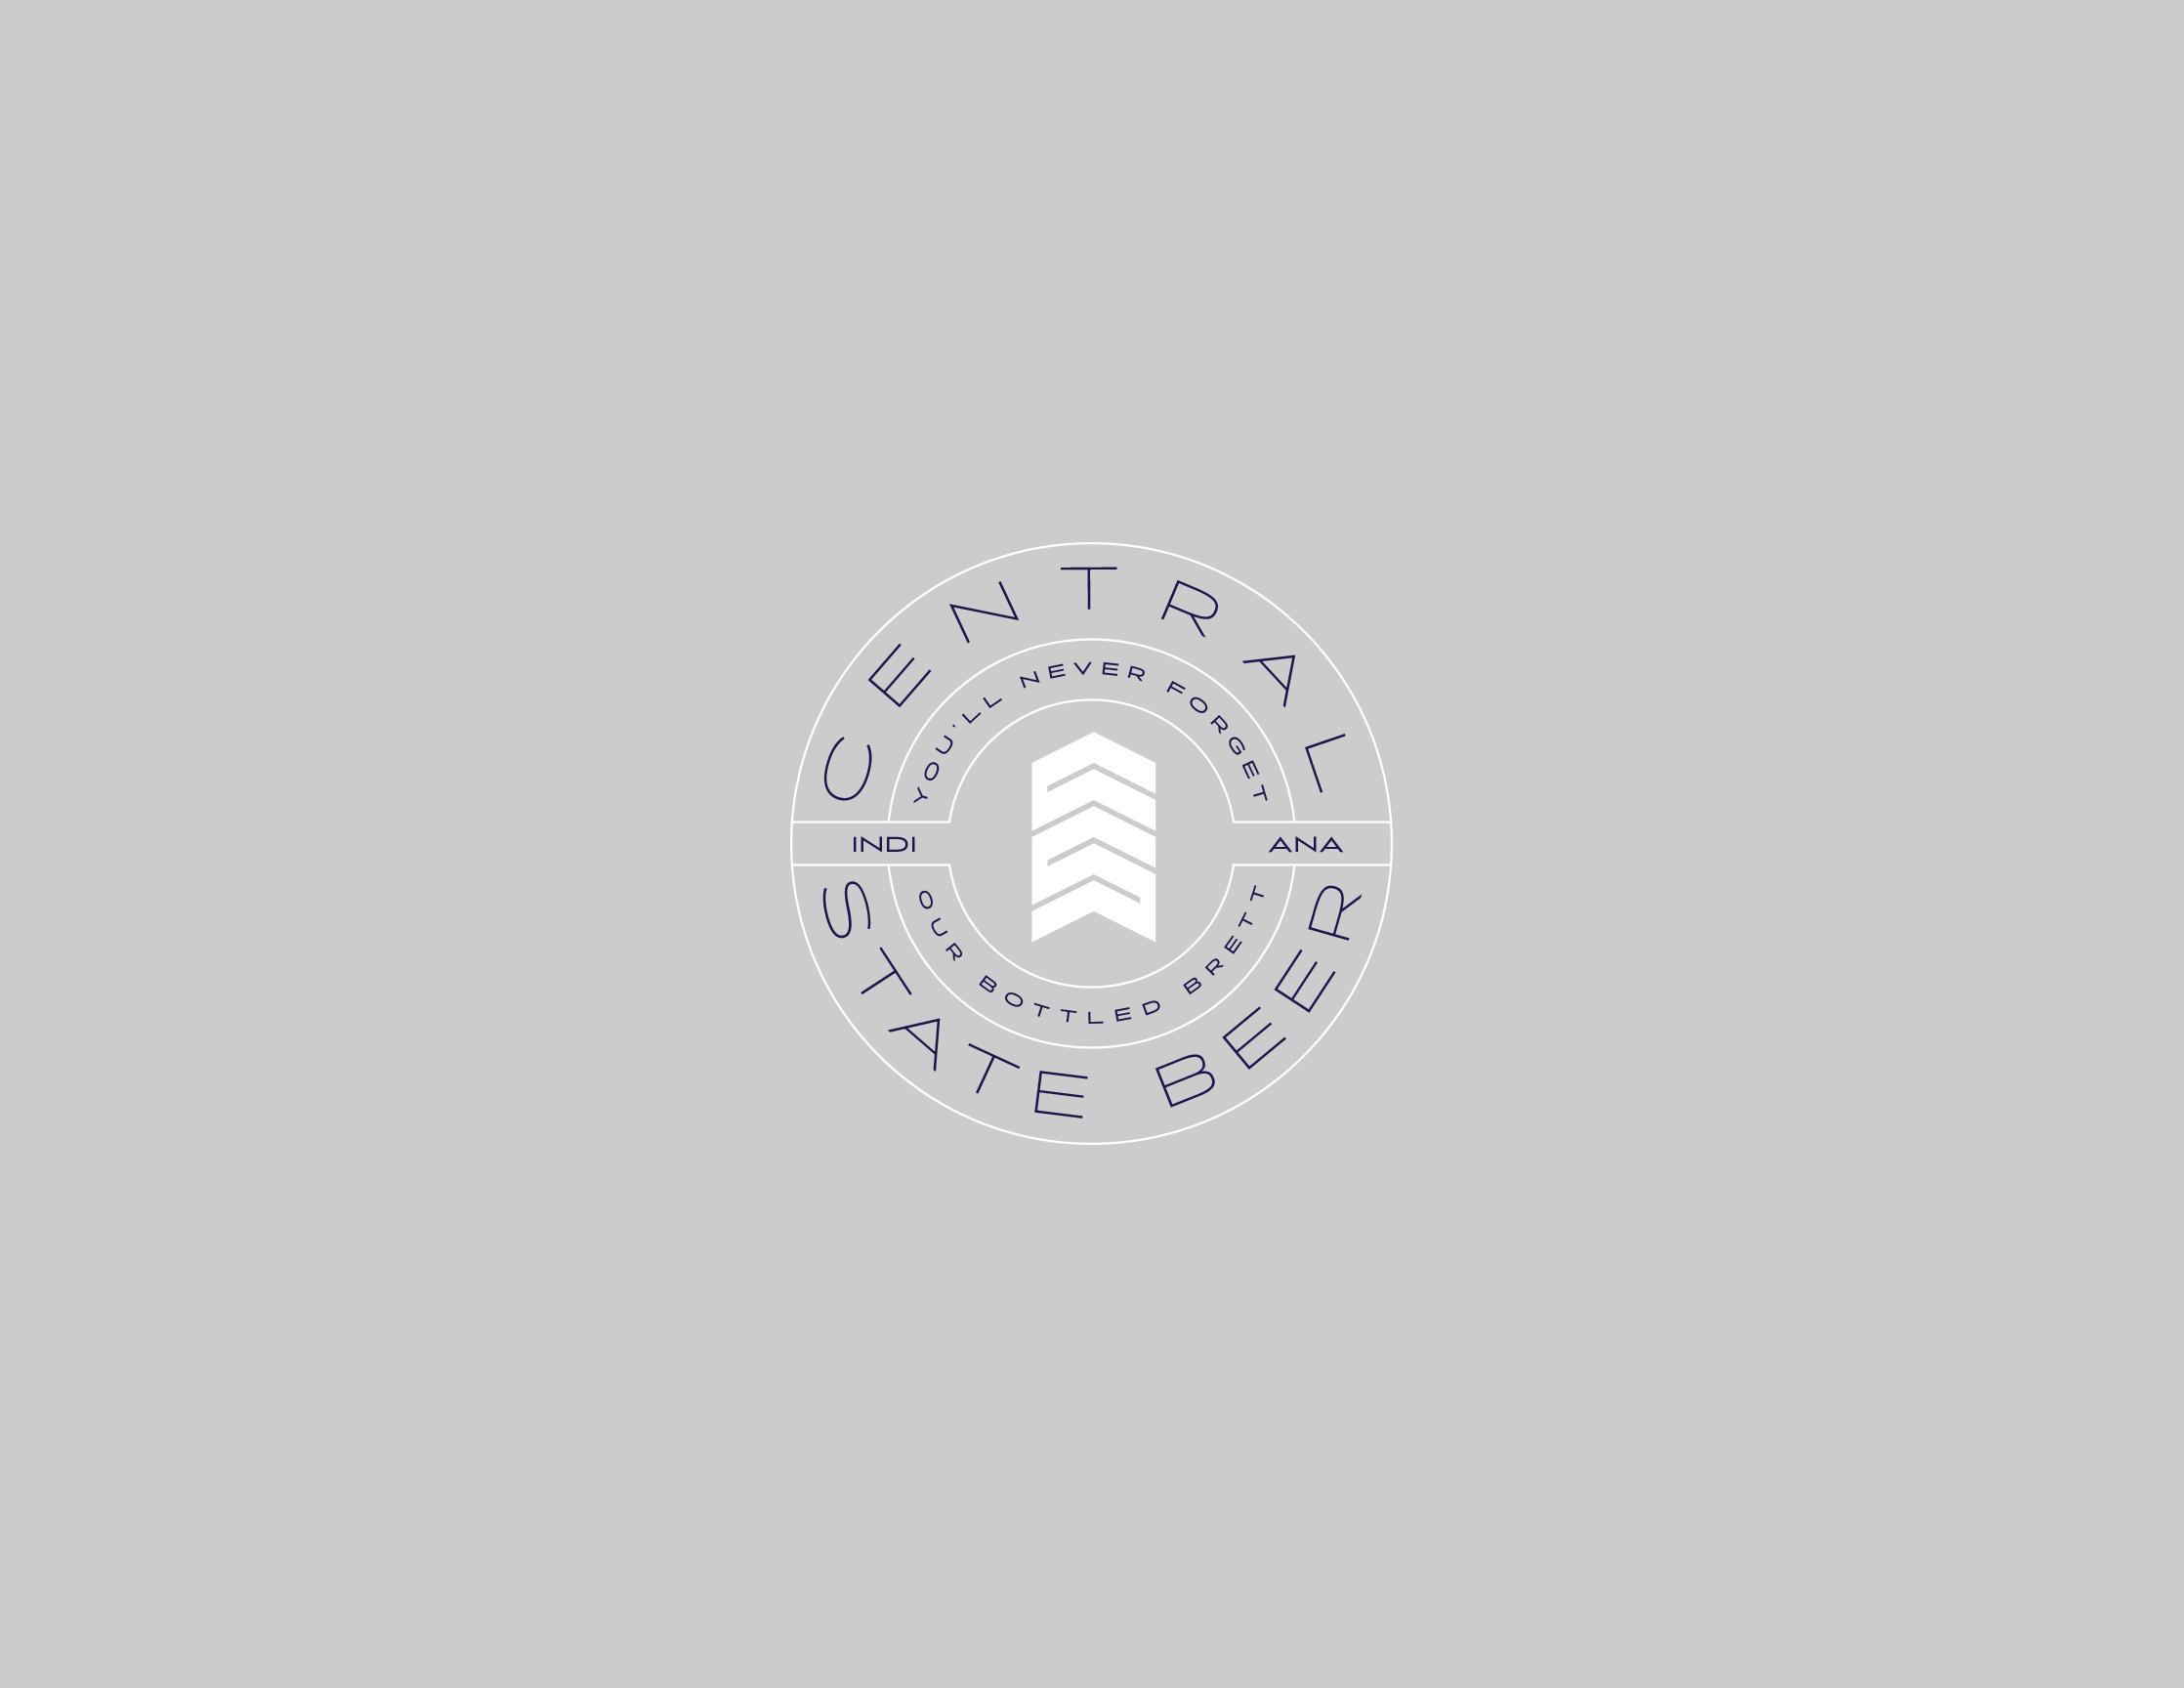 kf_cs__0005_logo_02.jpg